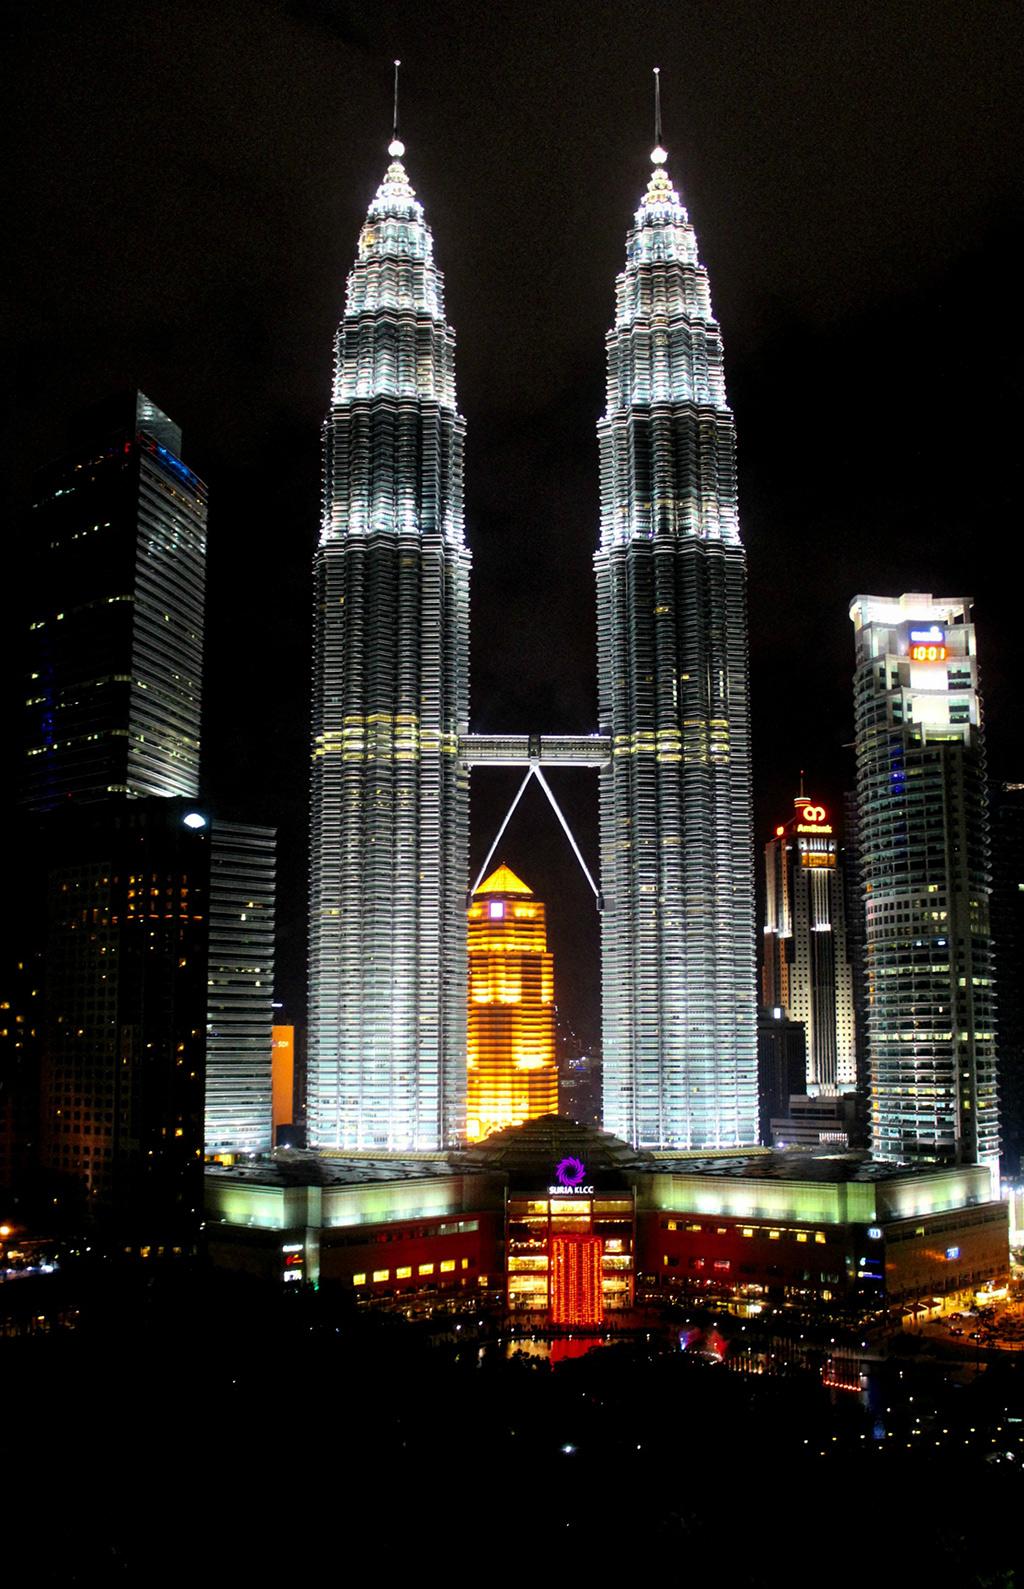 Night next to Petronas Towers at KL